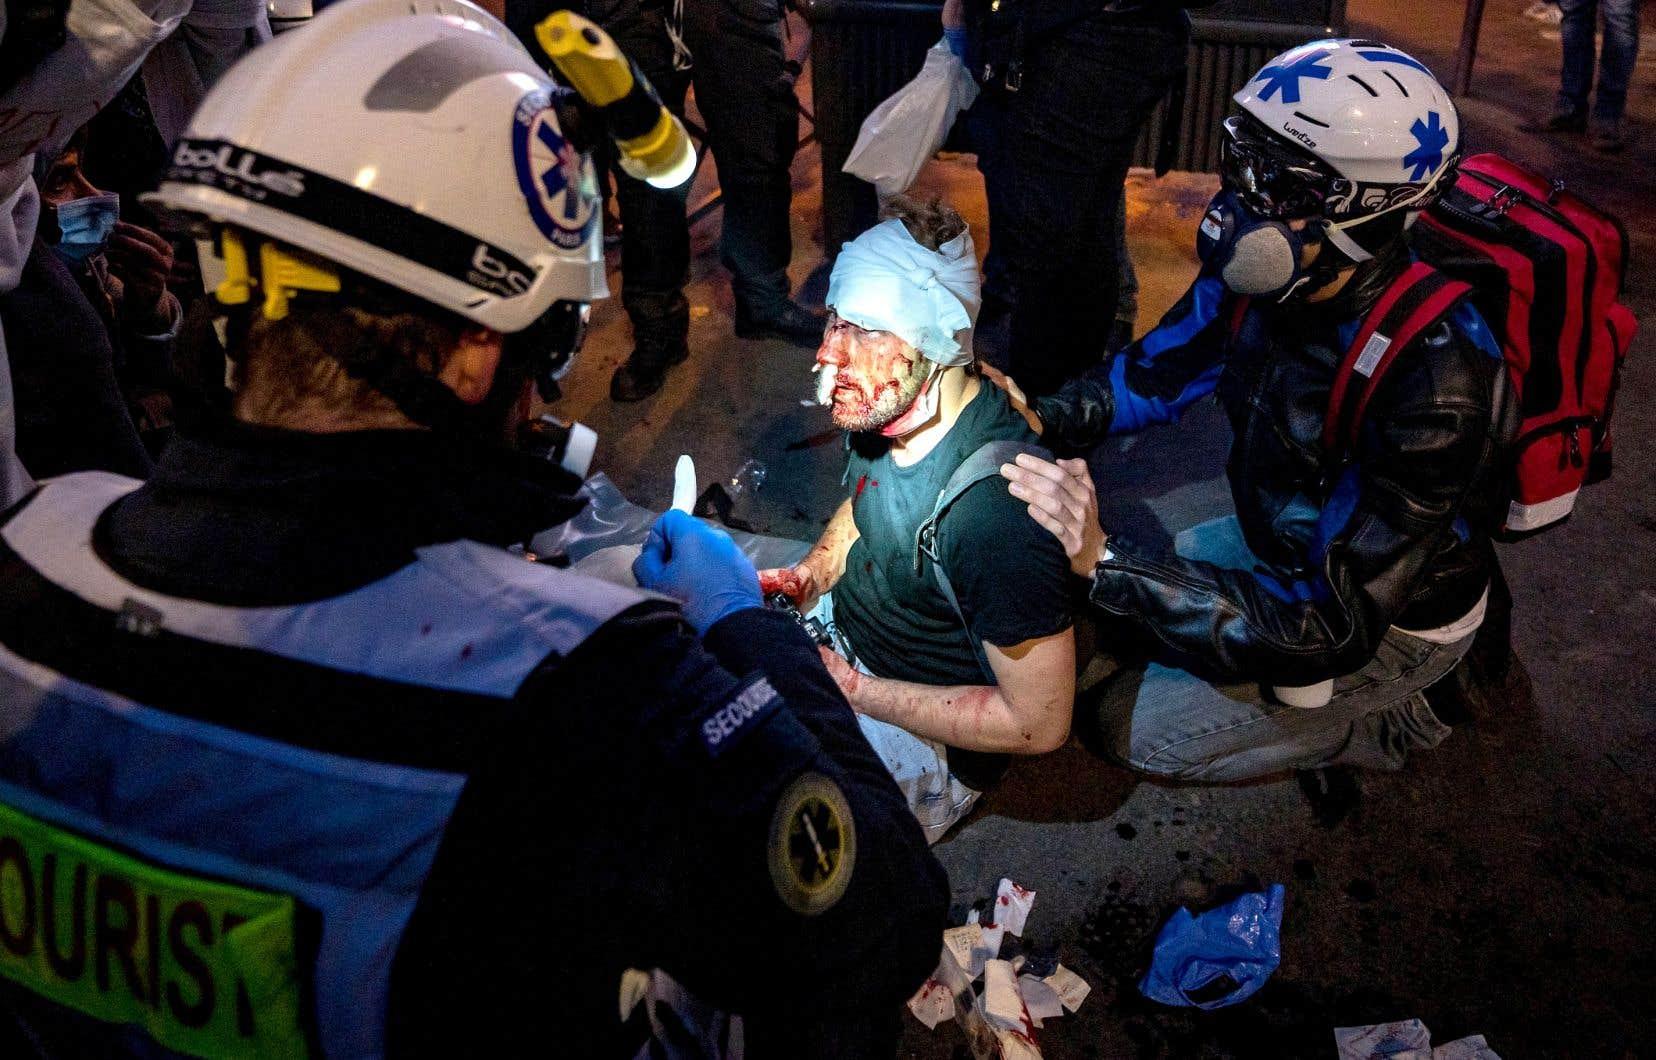 Samedi, Ameer al Halbi, un photographe indépendant syrien collaborateur de «Polka» et de l'AFP qui couvrait une manifestation contre la loi sécuritaire, a été blessé au visage et à la tête.